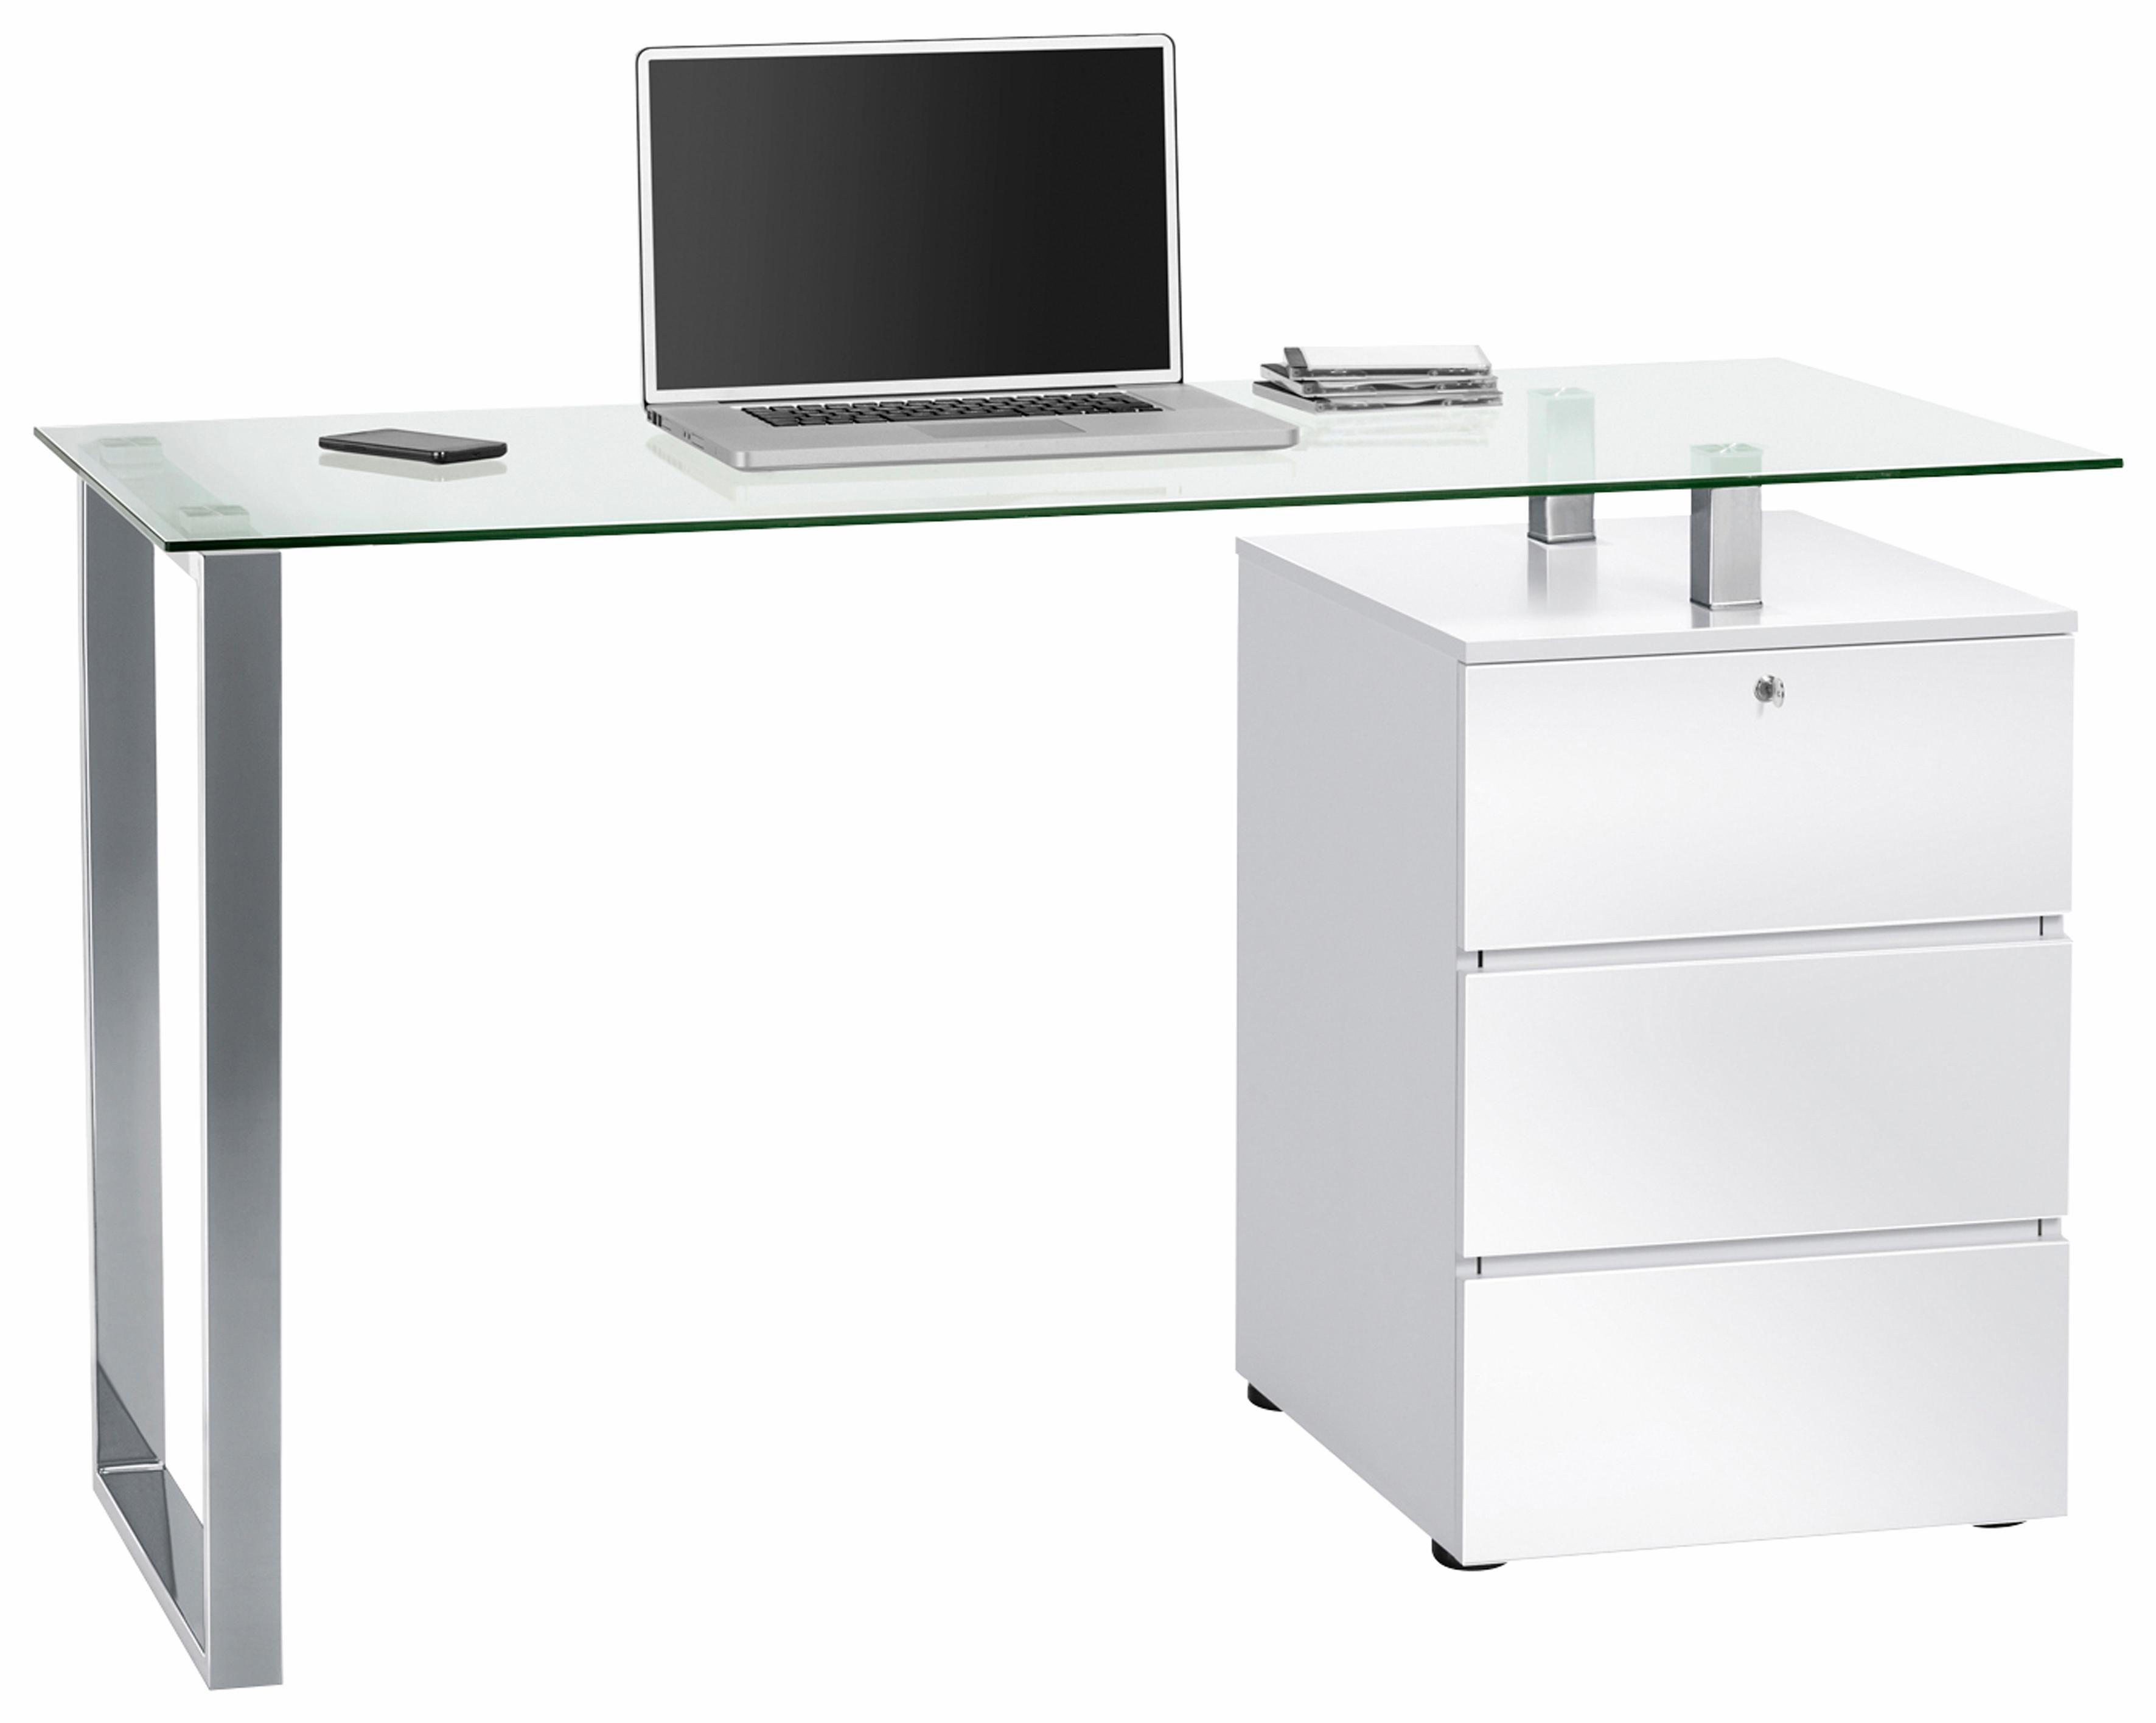 Maja Möbel Schreib- und Computertisch 9550